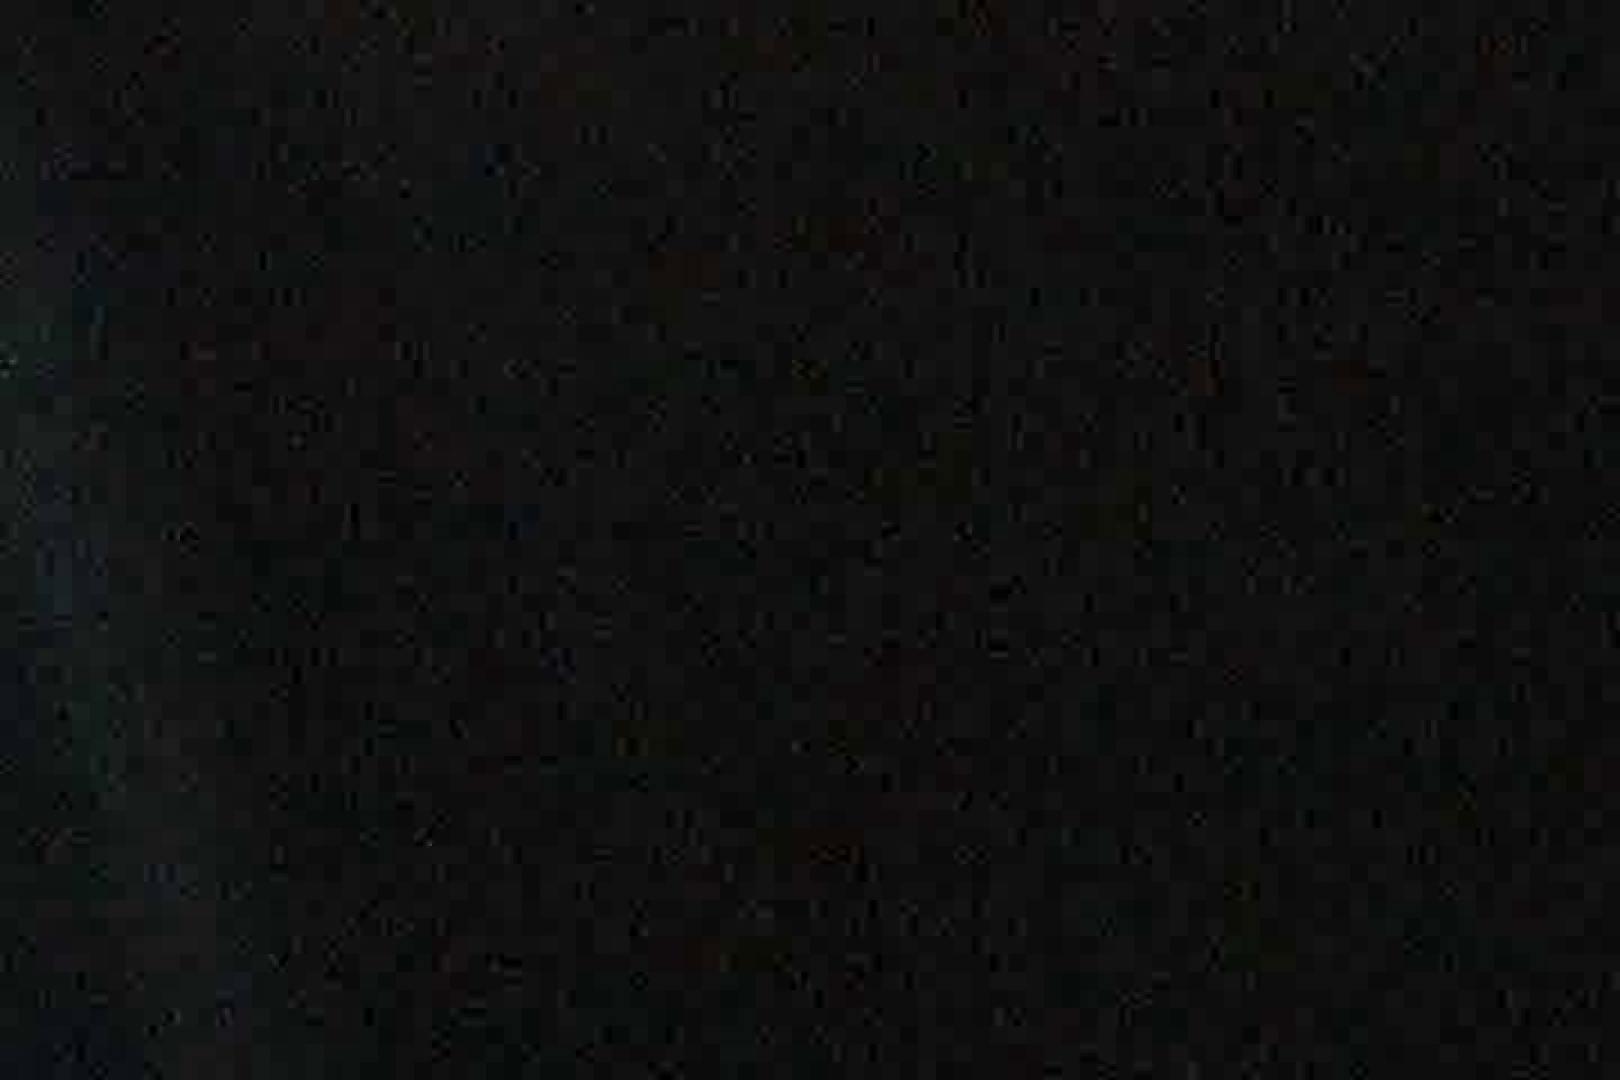 充血監督の深夜の運動会Vol.2 美しいOLの裸体   車  84pic 57